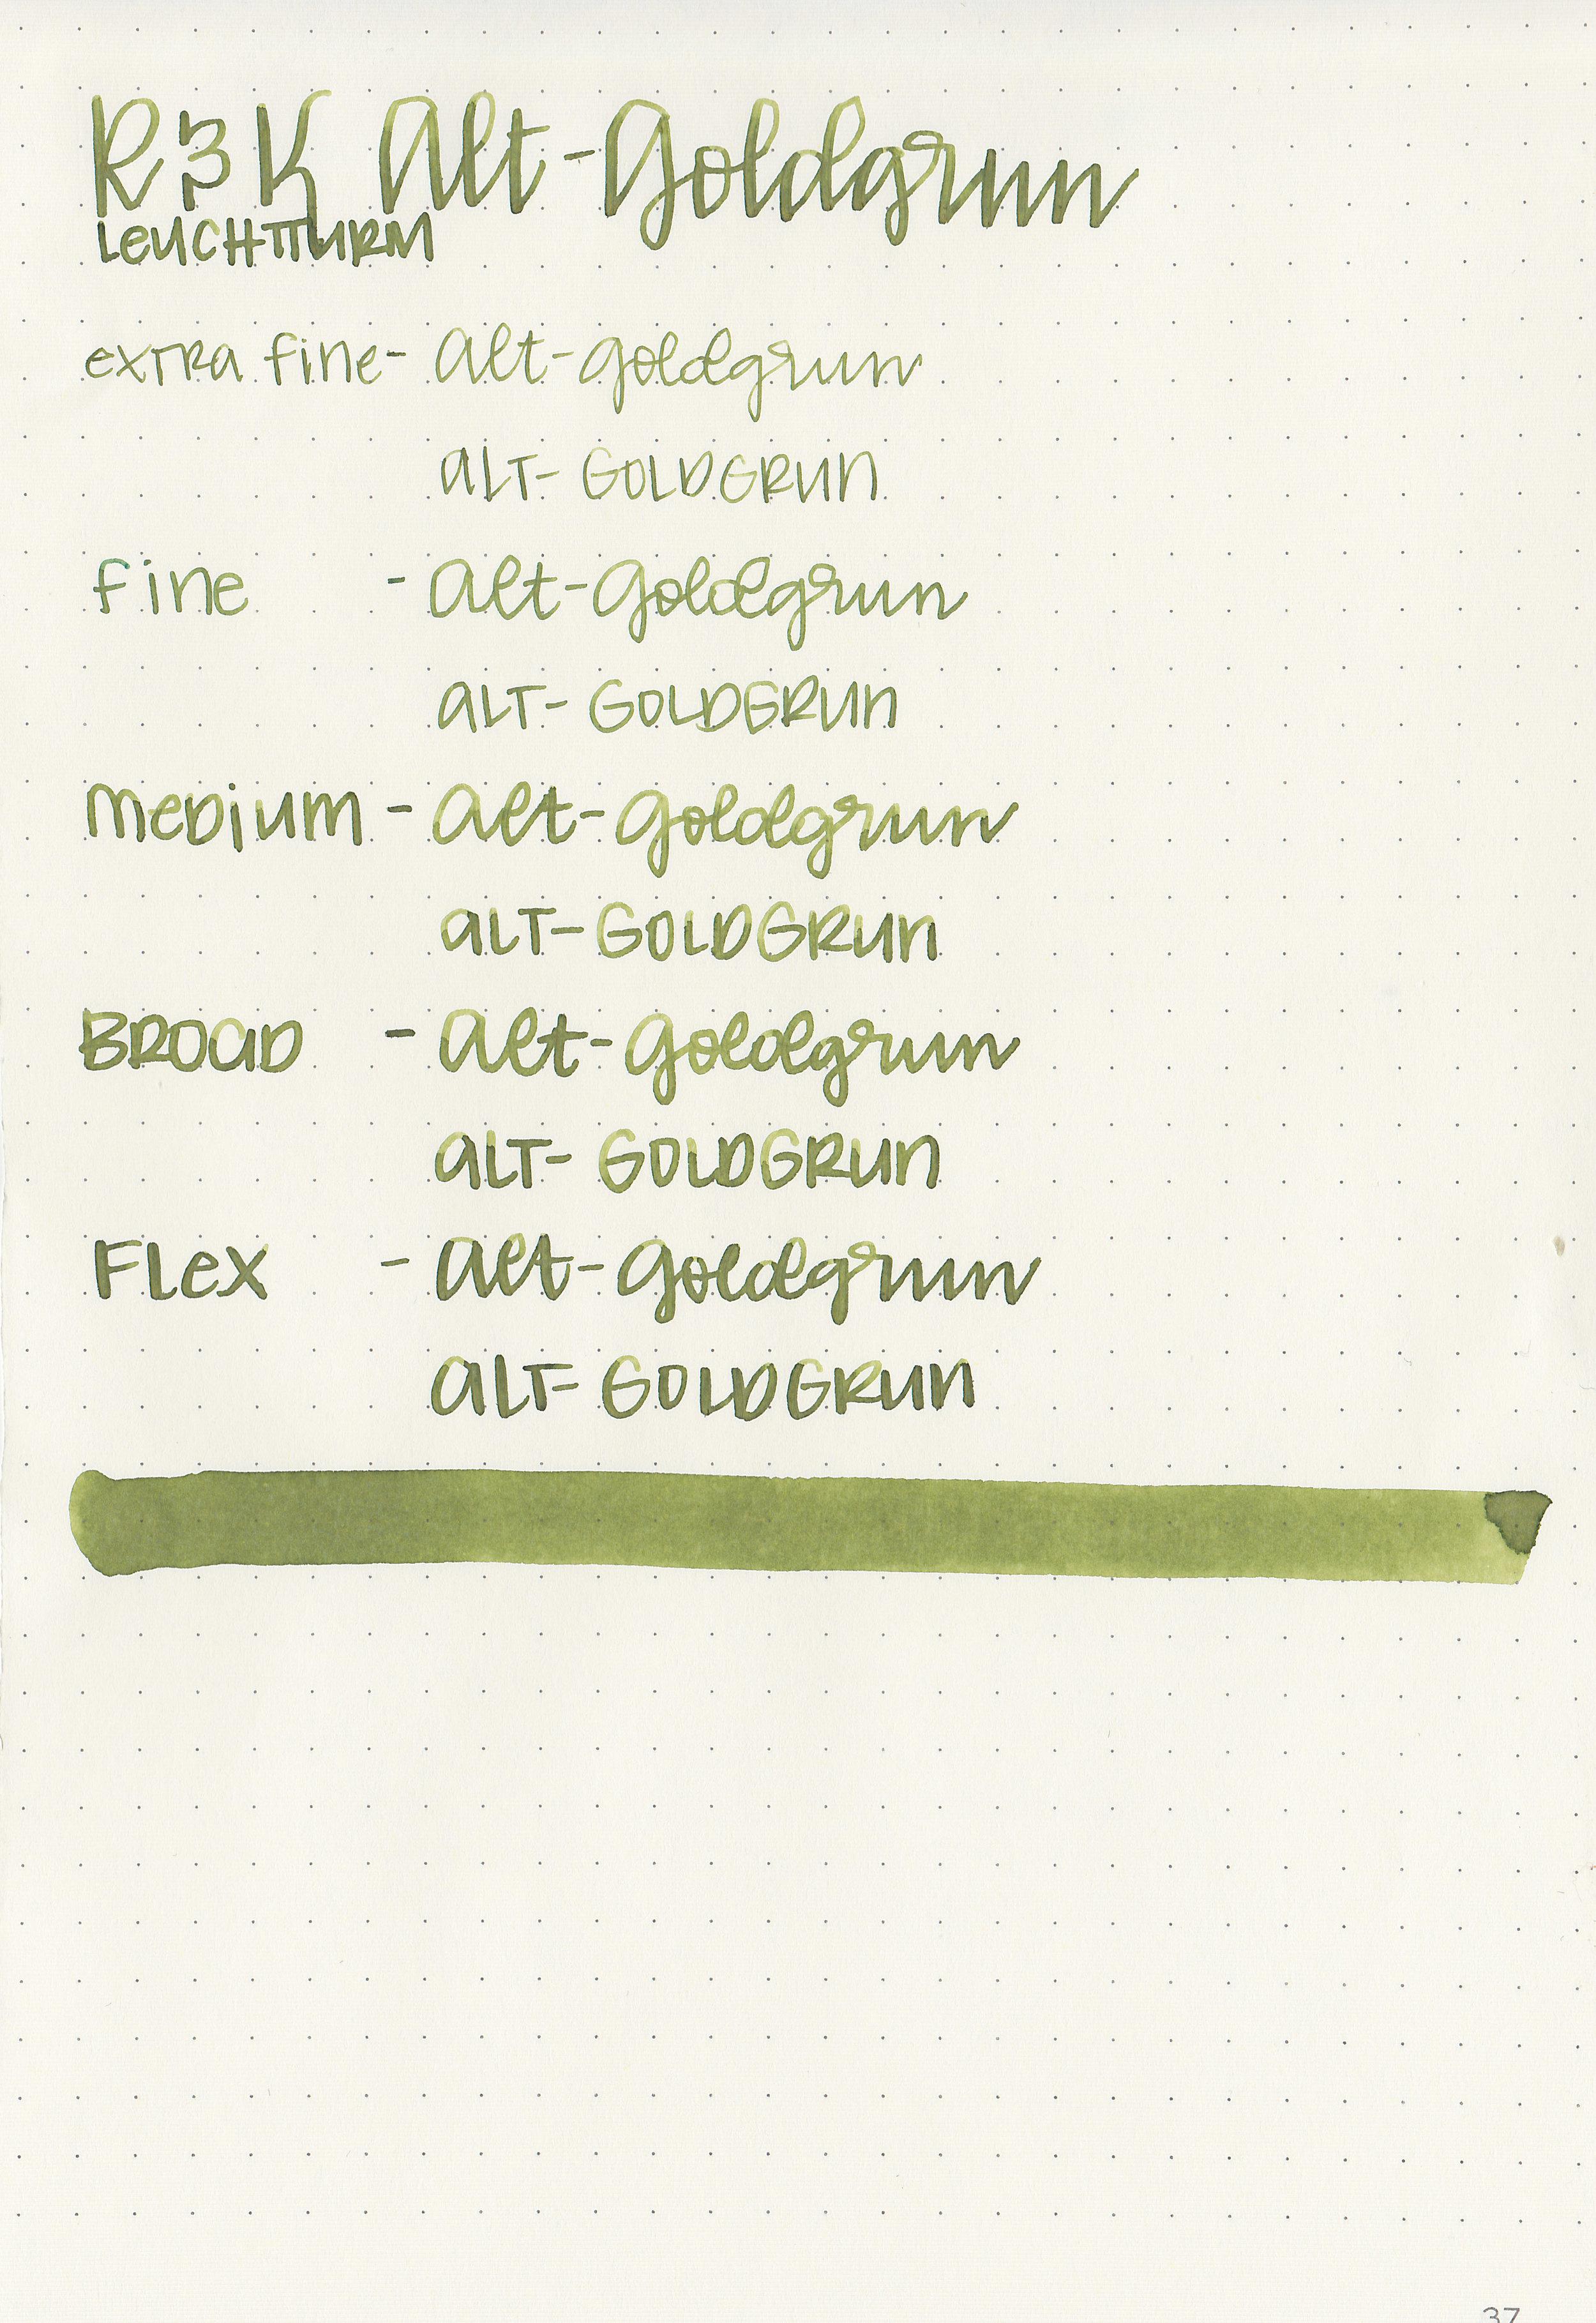 rk-alt-goldgrun-9.jpg